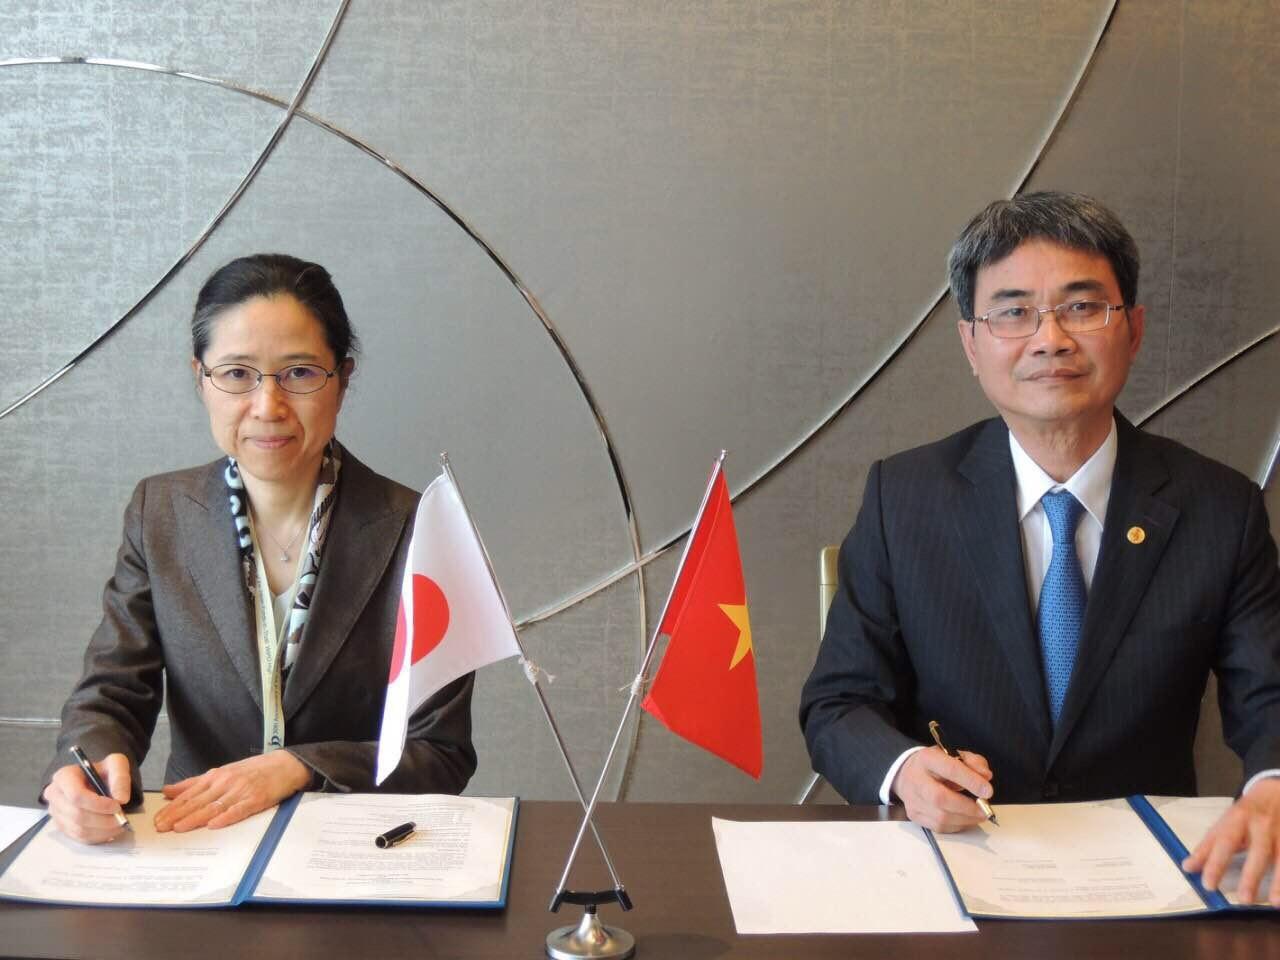 Cục trưởng Đinh Hữu Phí và Tổng Cục trưởng Naoko Munakata ký kết Thỏa thuận hợp tác giữa Cục Sở hữu trí tuệ và Cơ quan Sáng chế Nhật Bản.